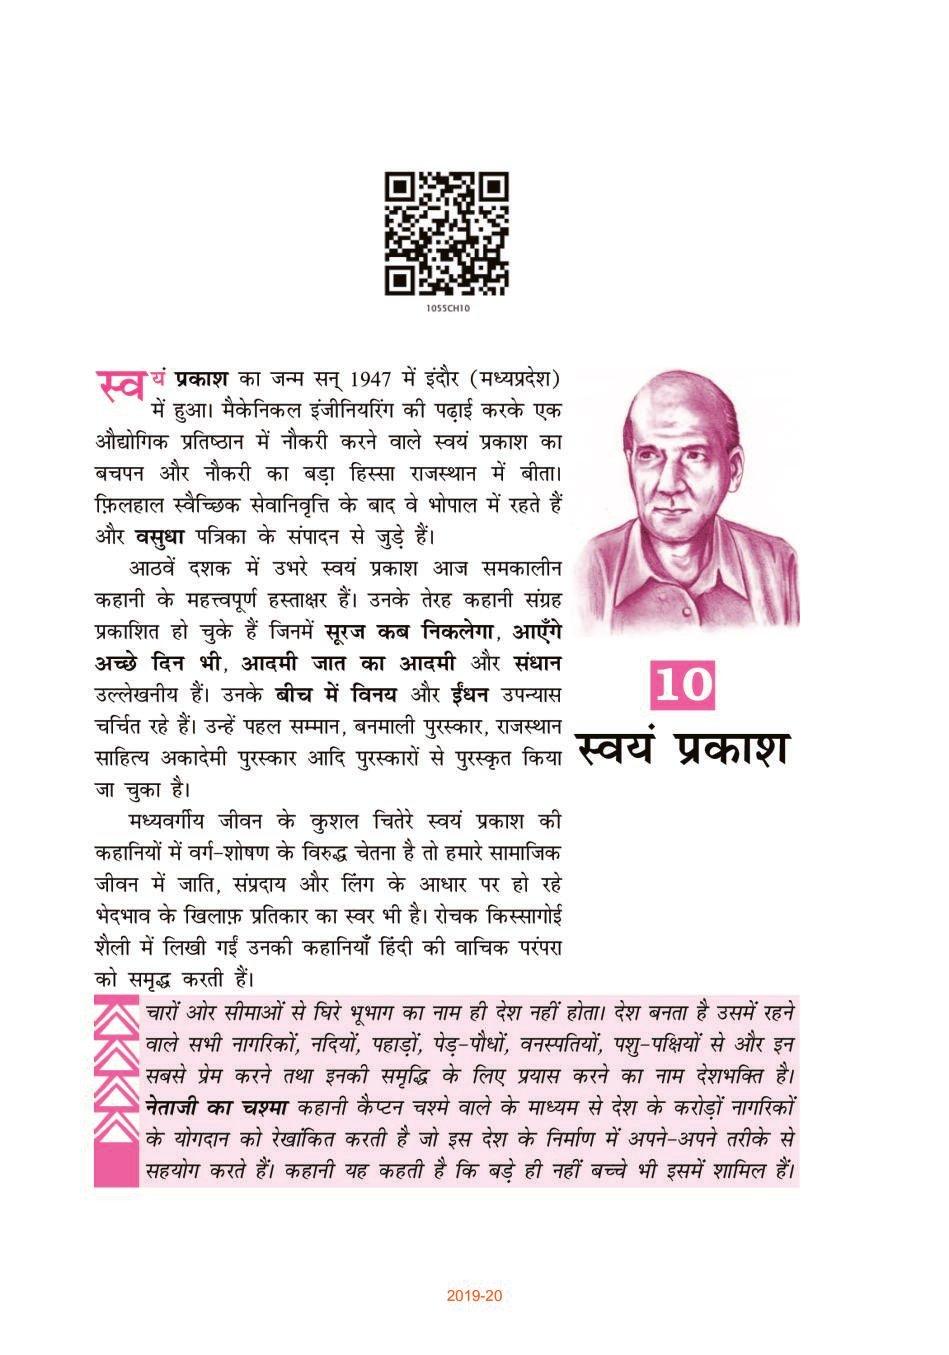 NCERT Book Class 10 Hindi (क्षितिज) Chapter 10 नेताजी का चश्मा - Page 1